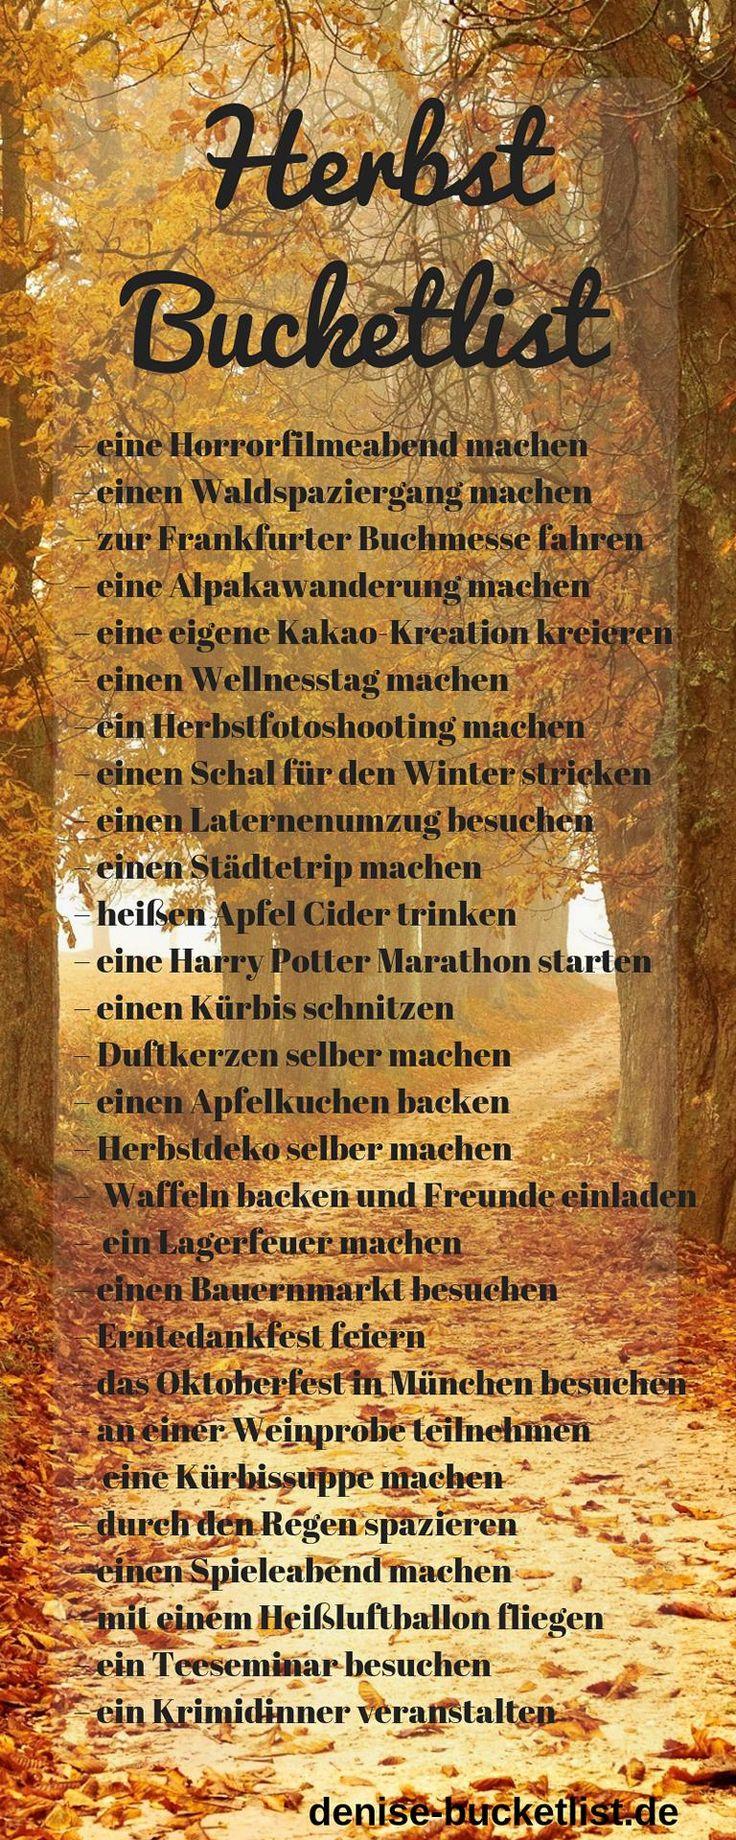 Herbst Bucket List 2019 🍂 Ideen & Tipps für den perfekten Herbst